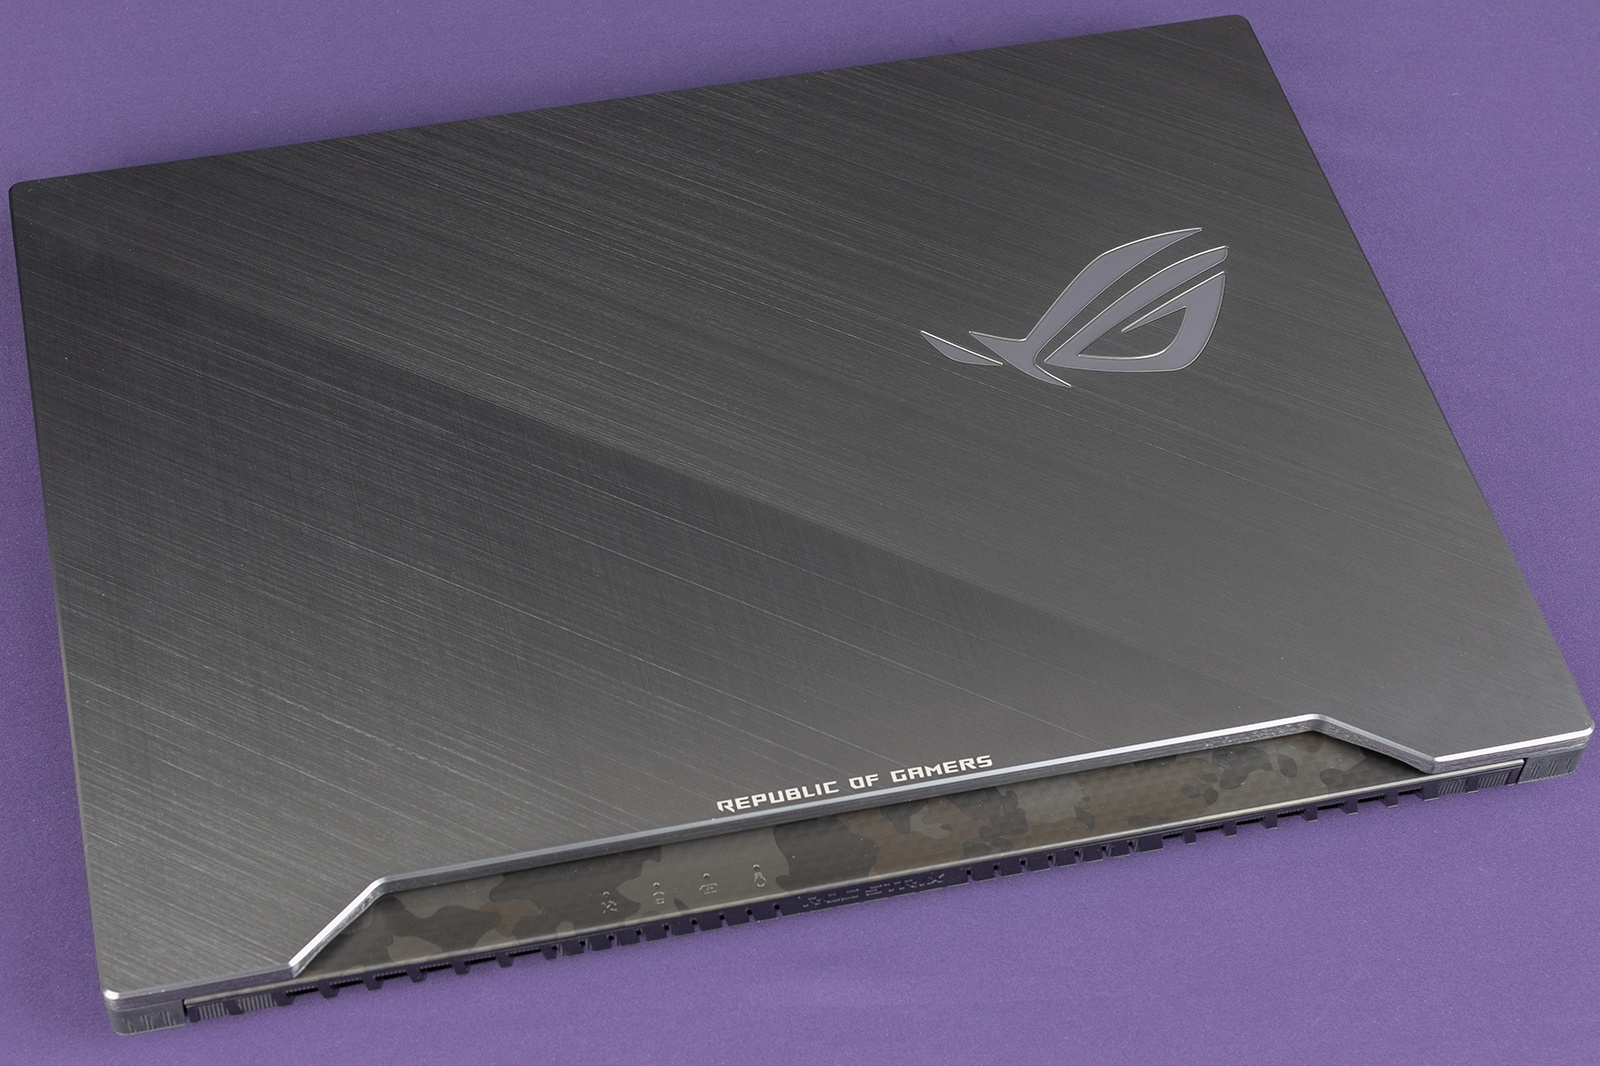 Обзор игровых ноутбуков ASUS ROG Strix GL504GS SCAR II и ASUS ROG Strix GL504GM HERO II - 17